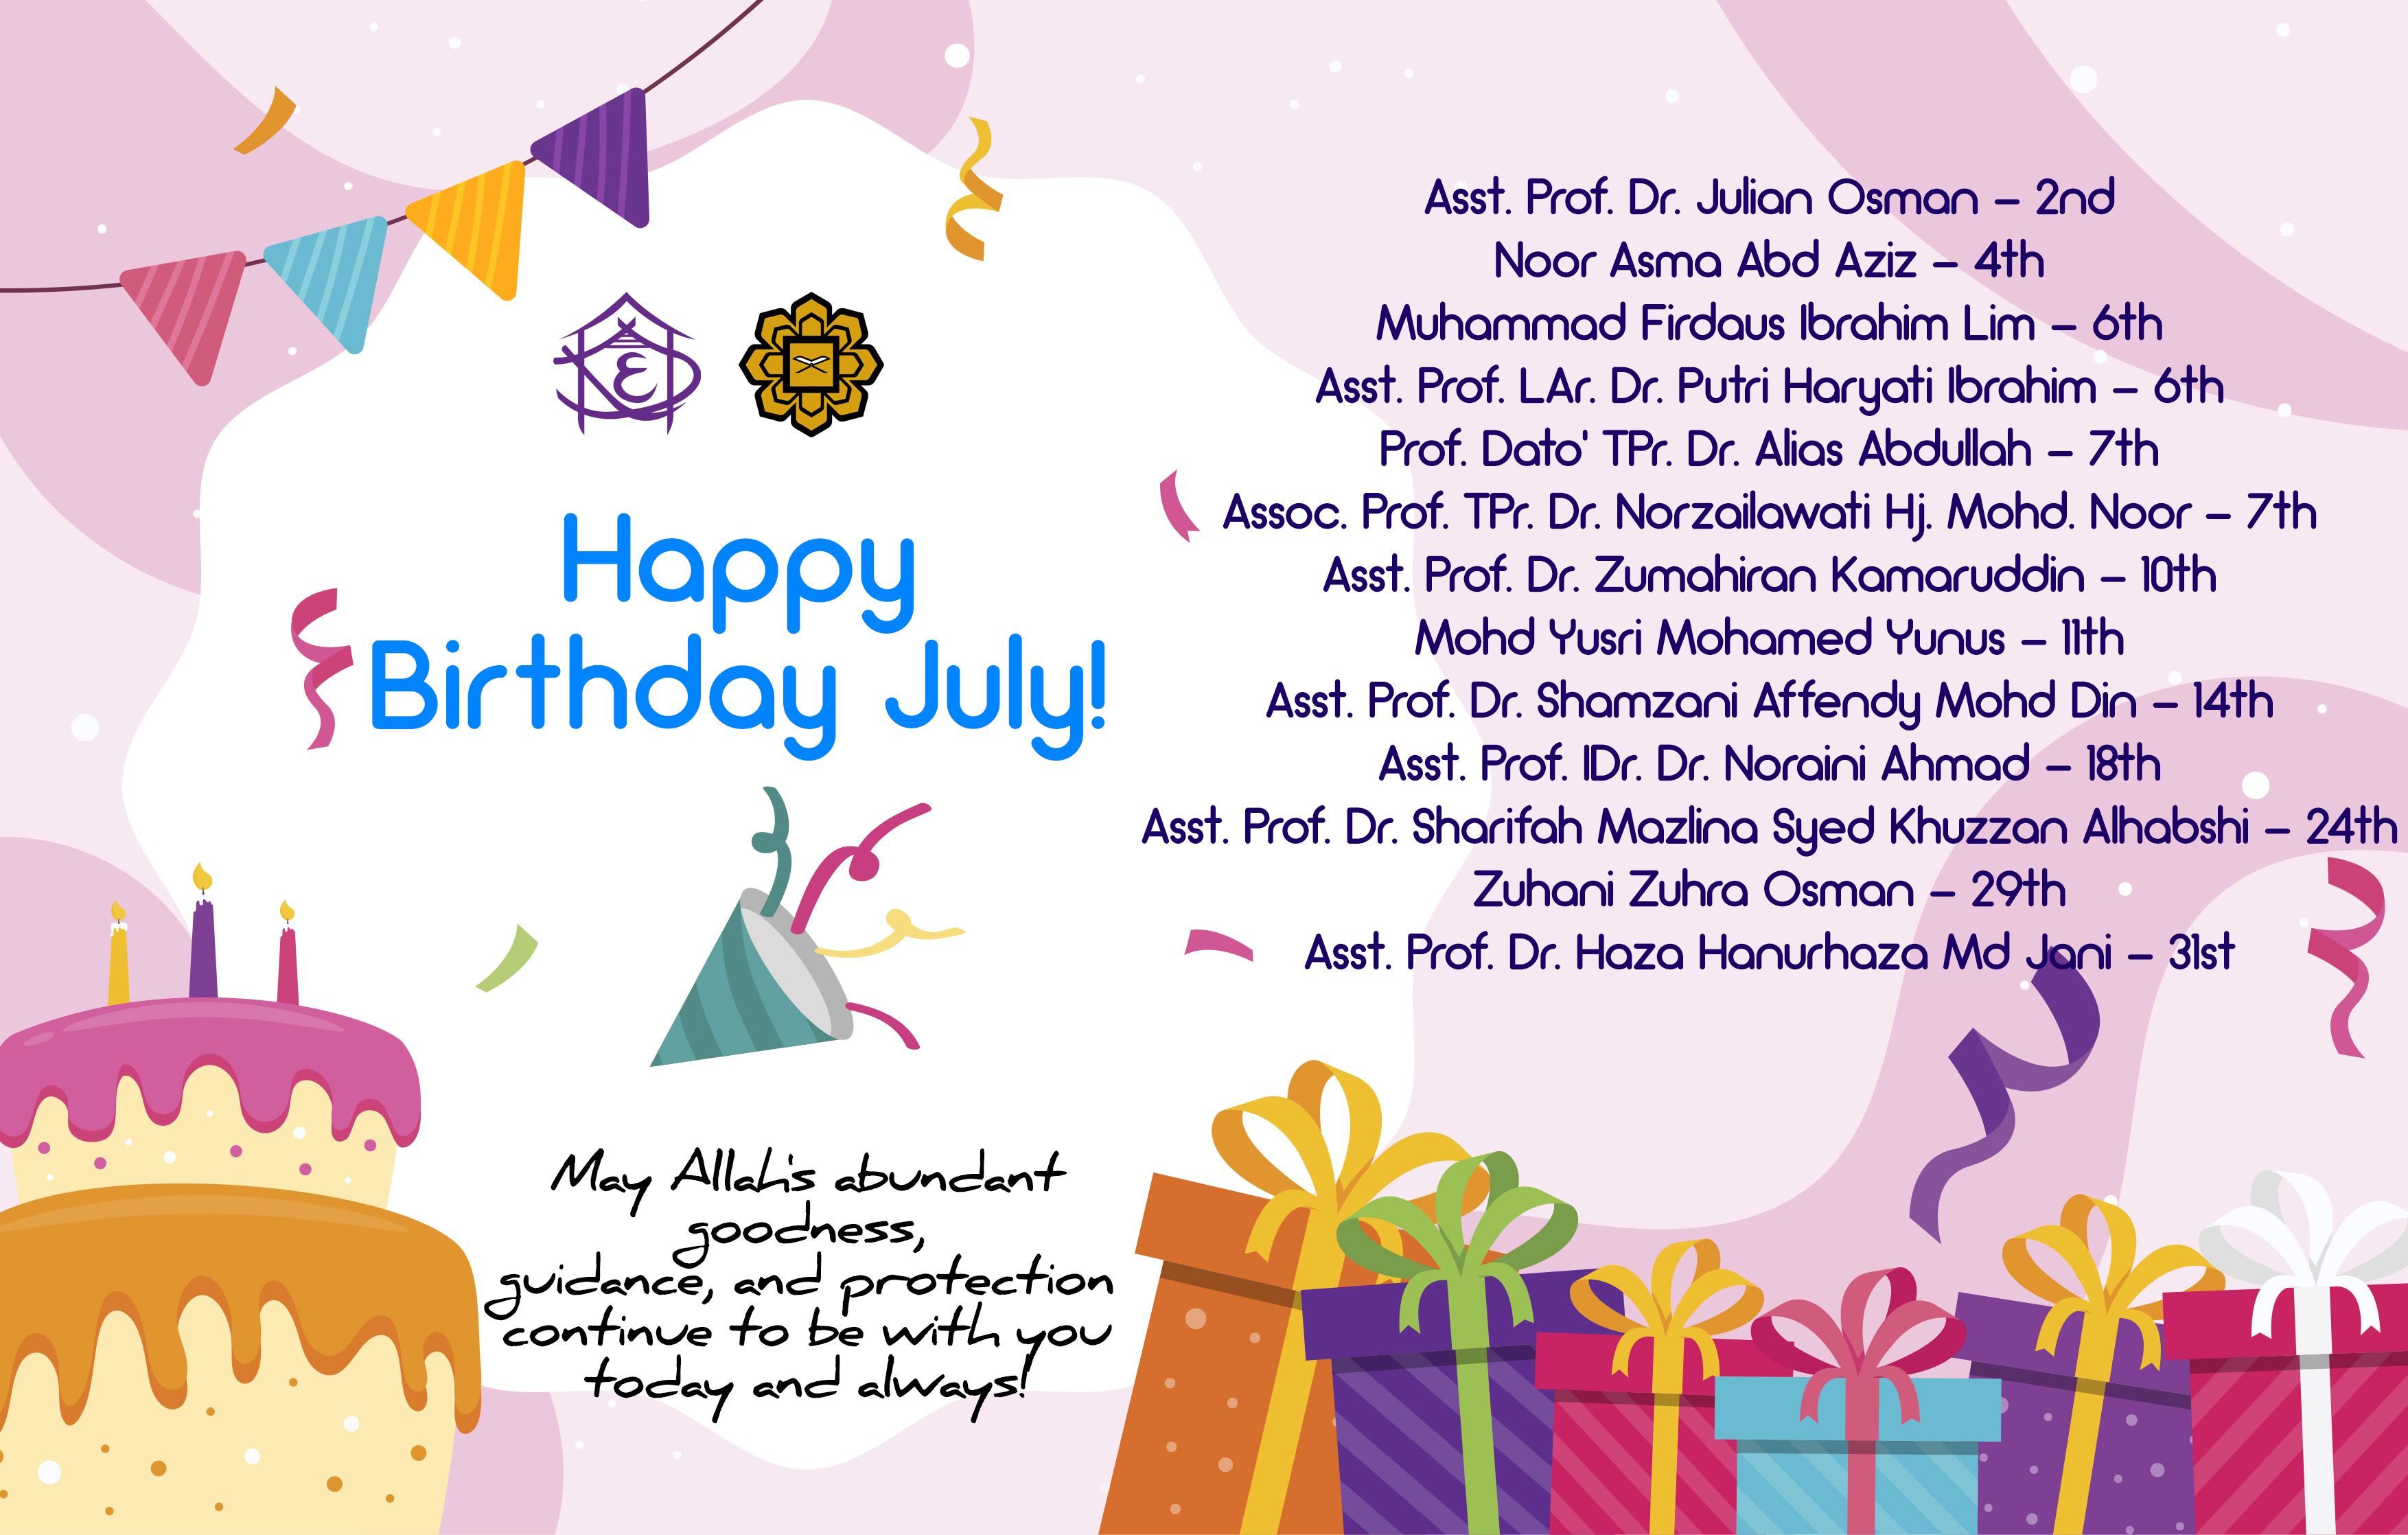 Happy Birthday July!